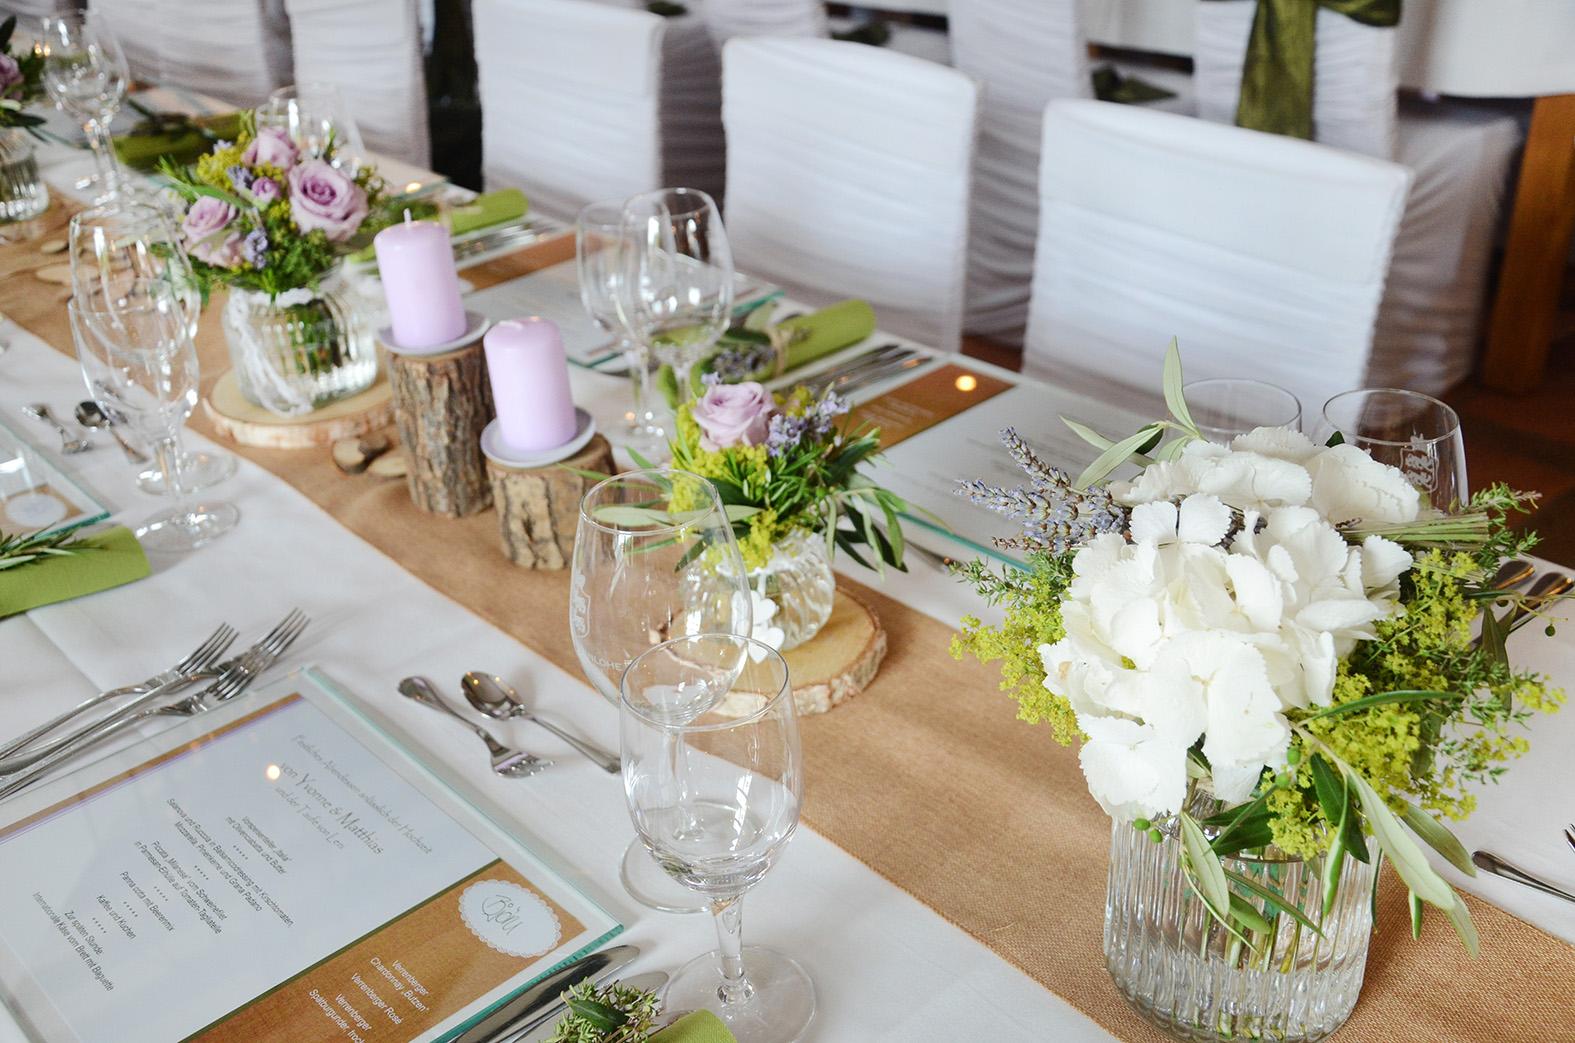 tischdeko hochzeit hortensien im glas reimplica best garten ideen, Garten und bauen